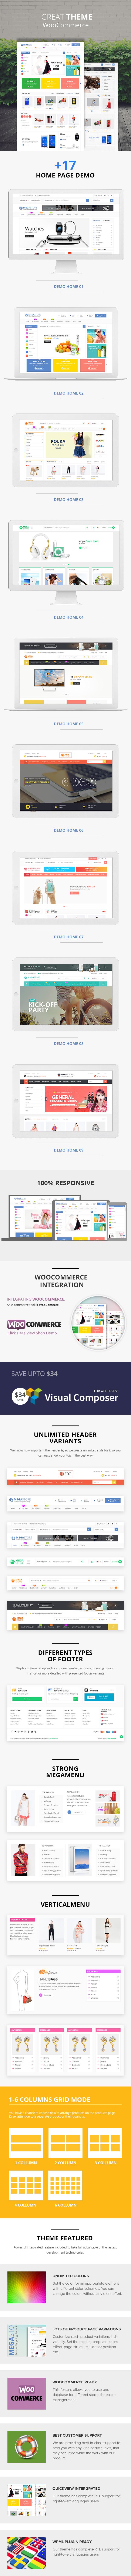 قالب فروشگاهی و سوپرمارکت مدرن ووکامرس مگااستور | Megastore Supermarket woocommerce theme 1